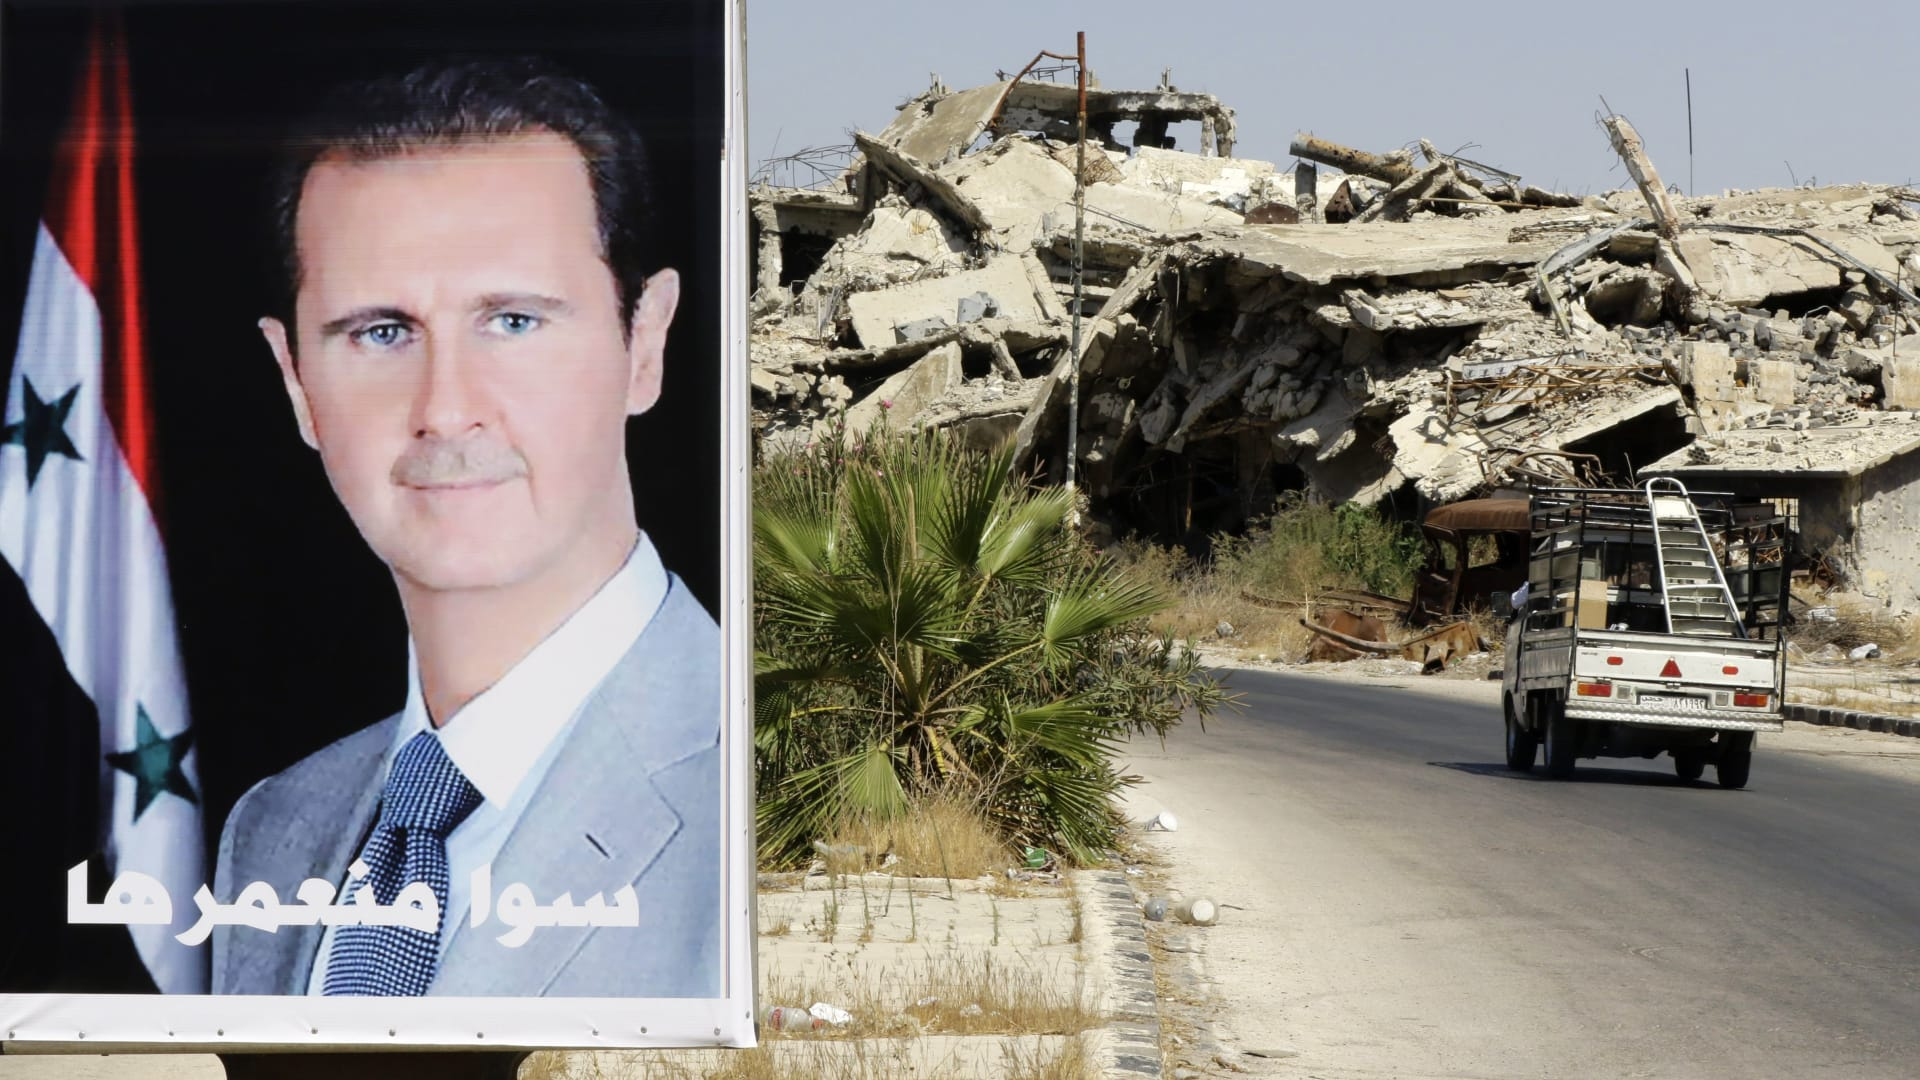 في الذكرى الـ10.. الأسد يأمر بمنحة قيمتها 11.7 دولار للعاملين و9.4 دولار للمتقاعدين